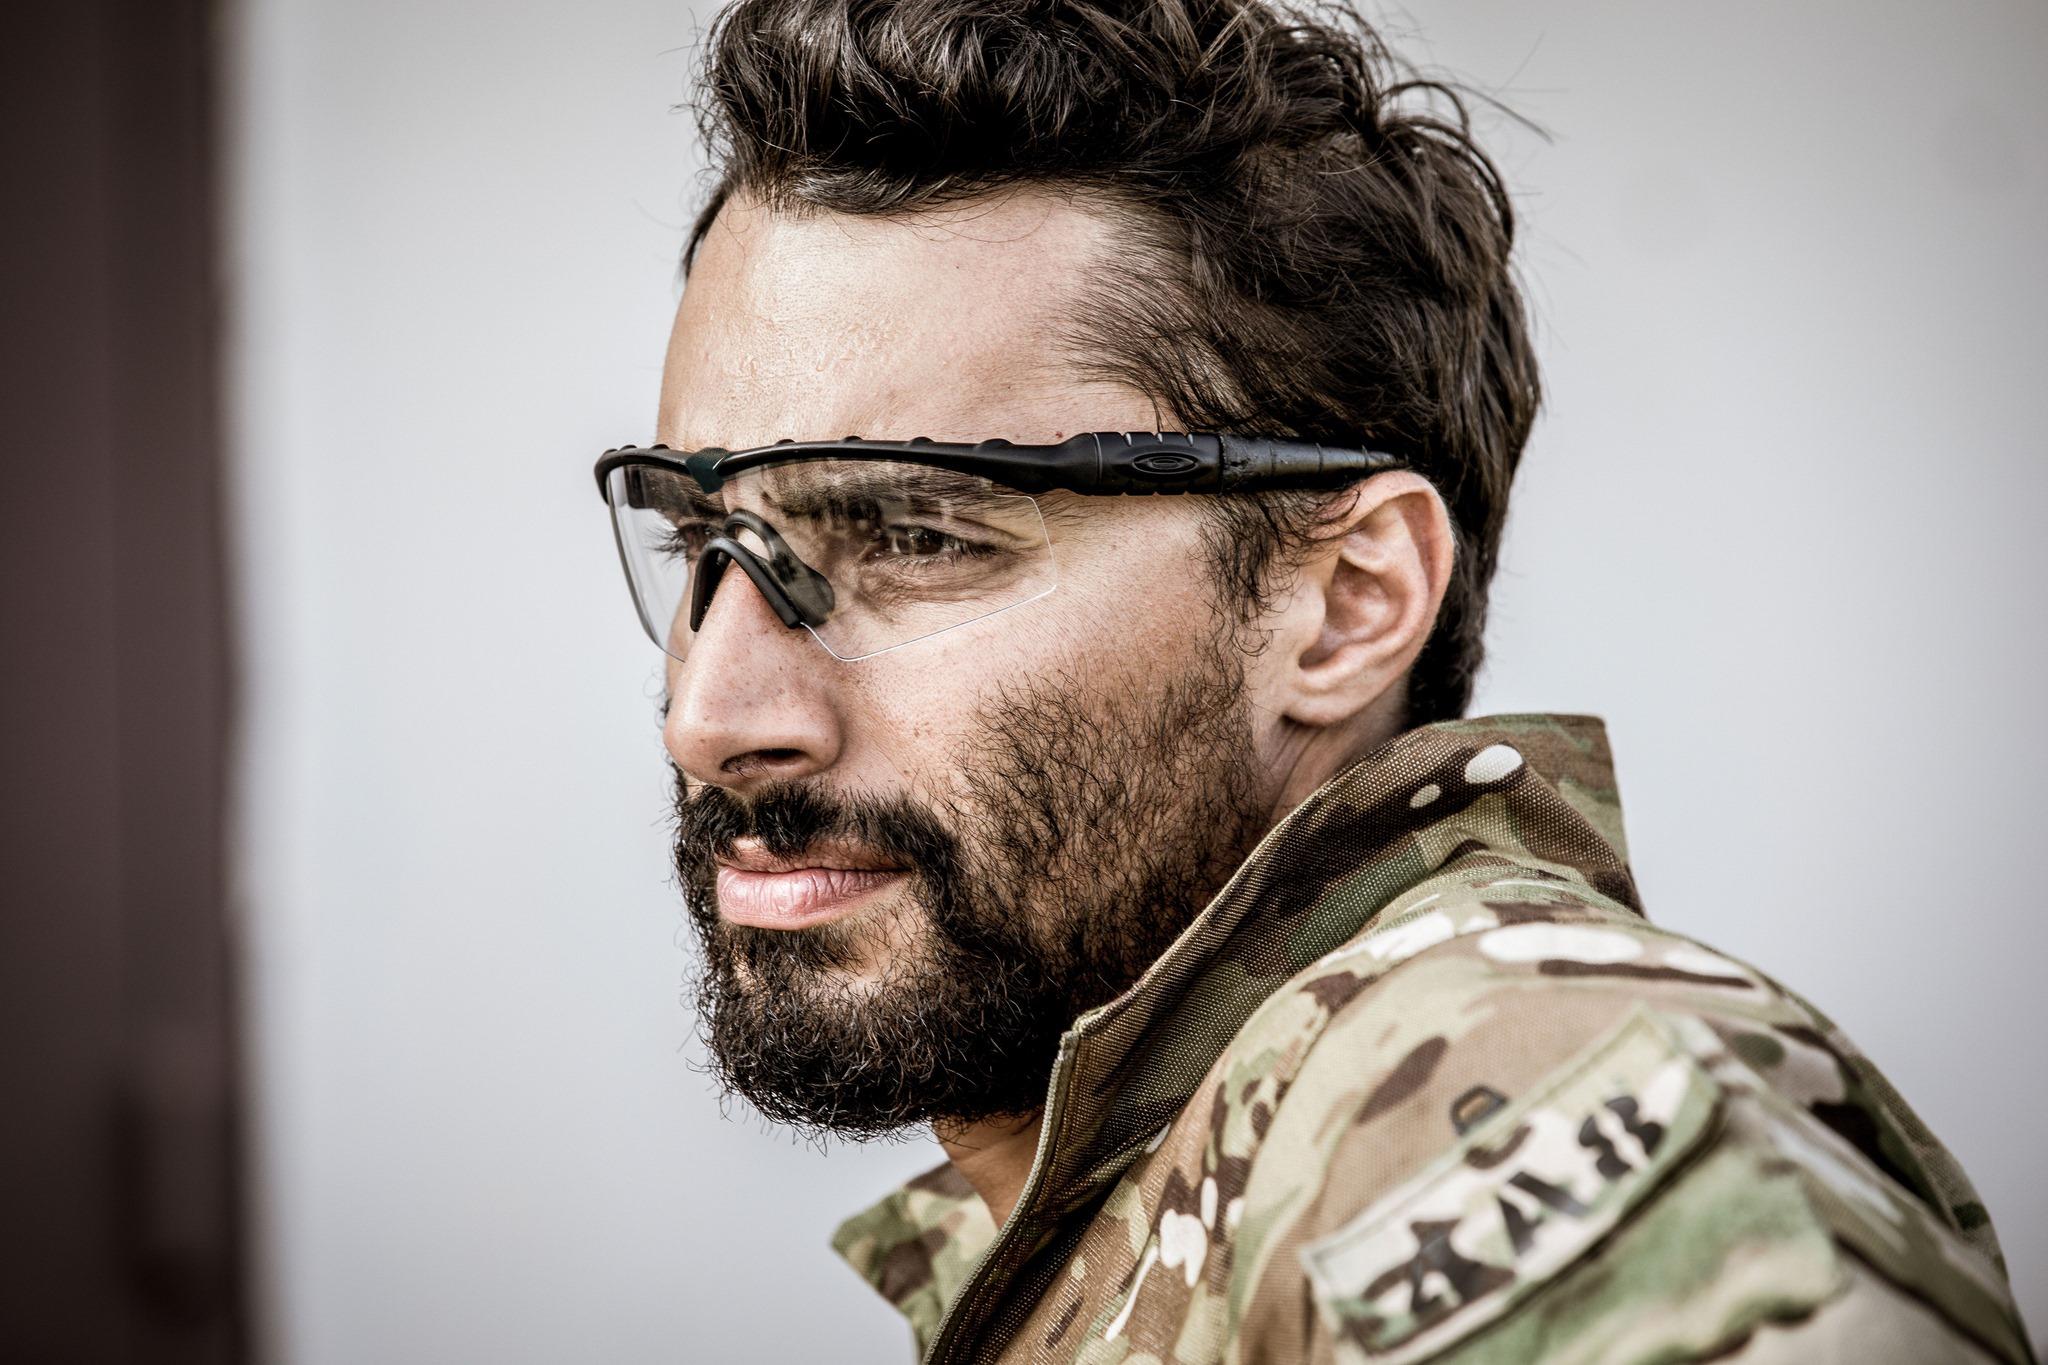 Military solider wearing Oakley eyewear.